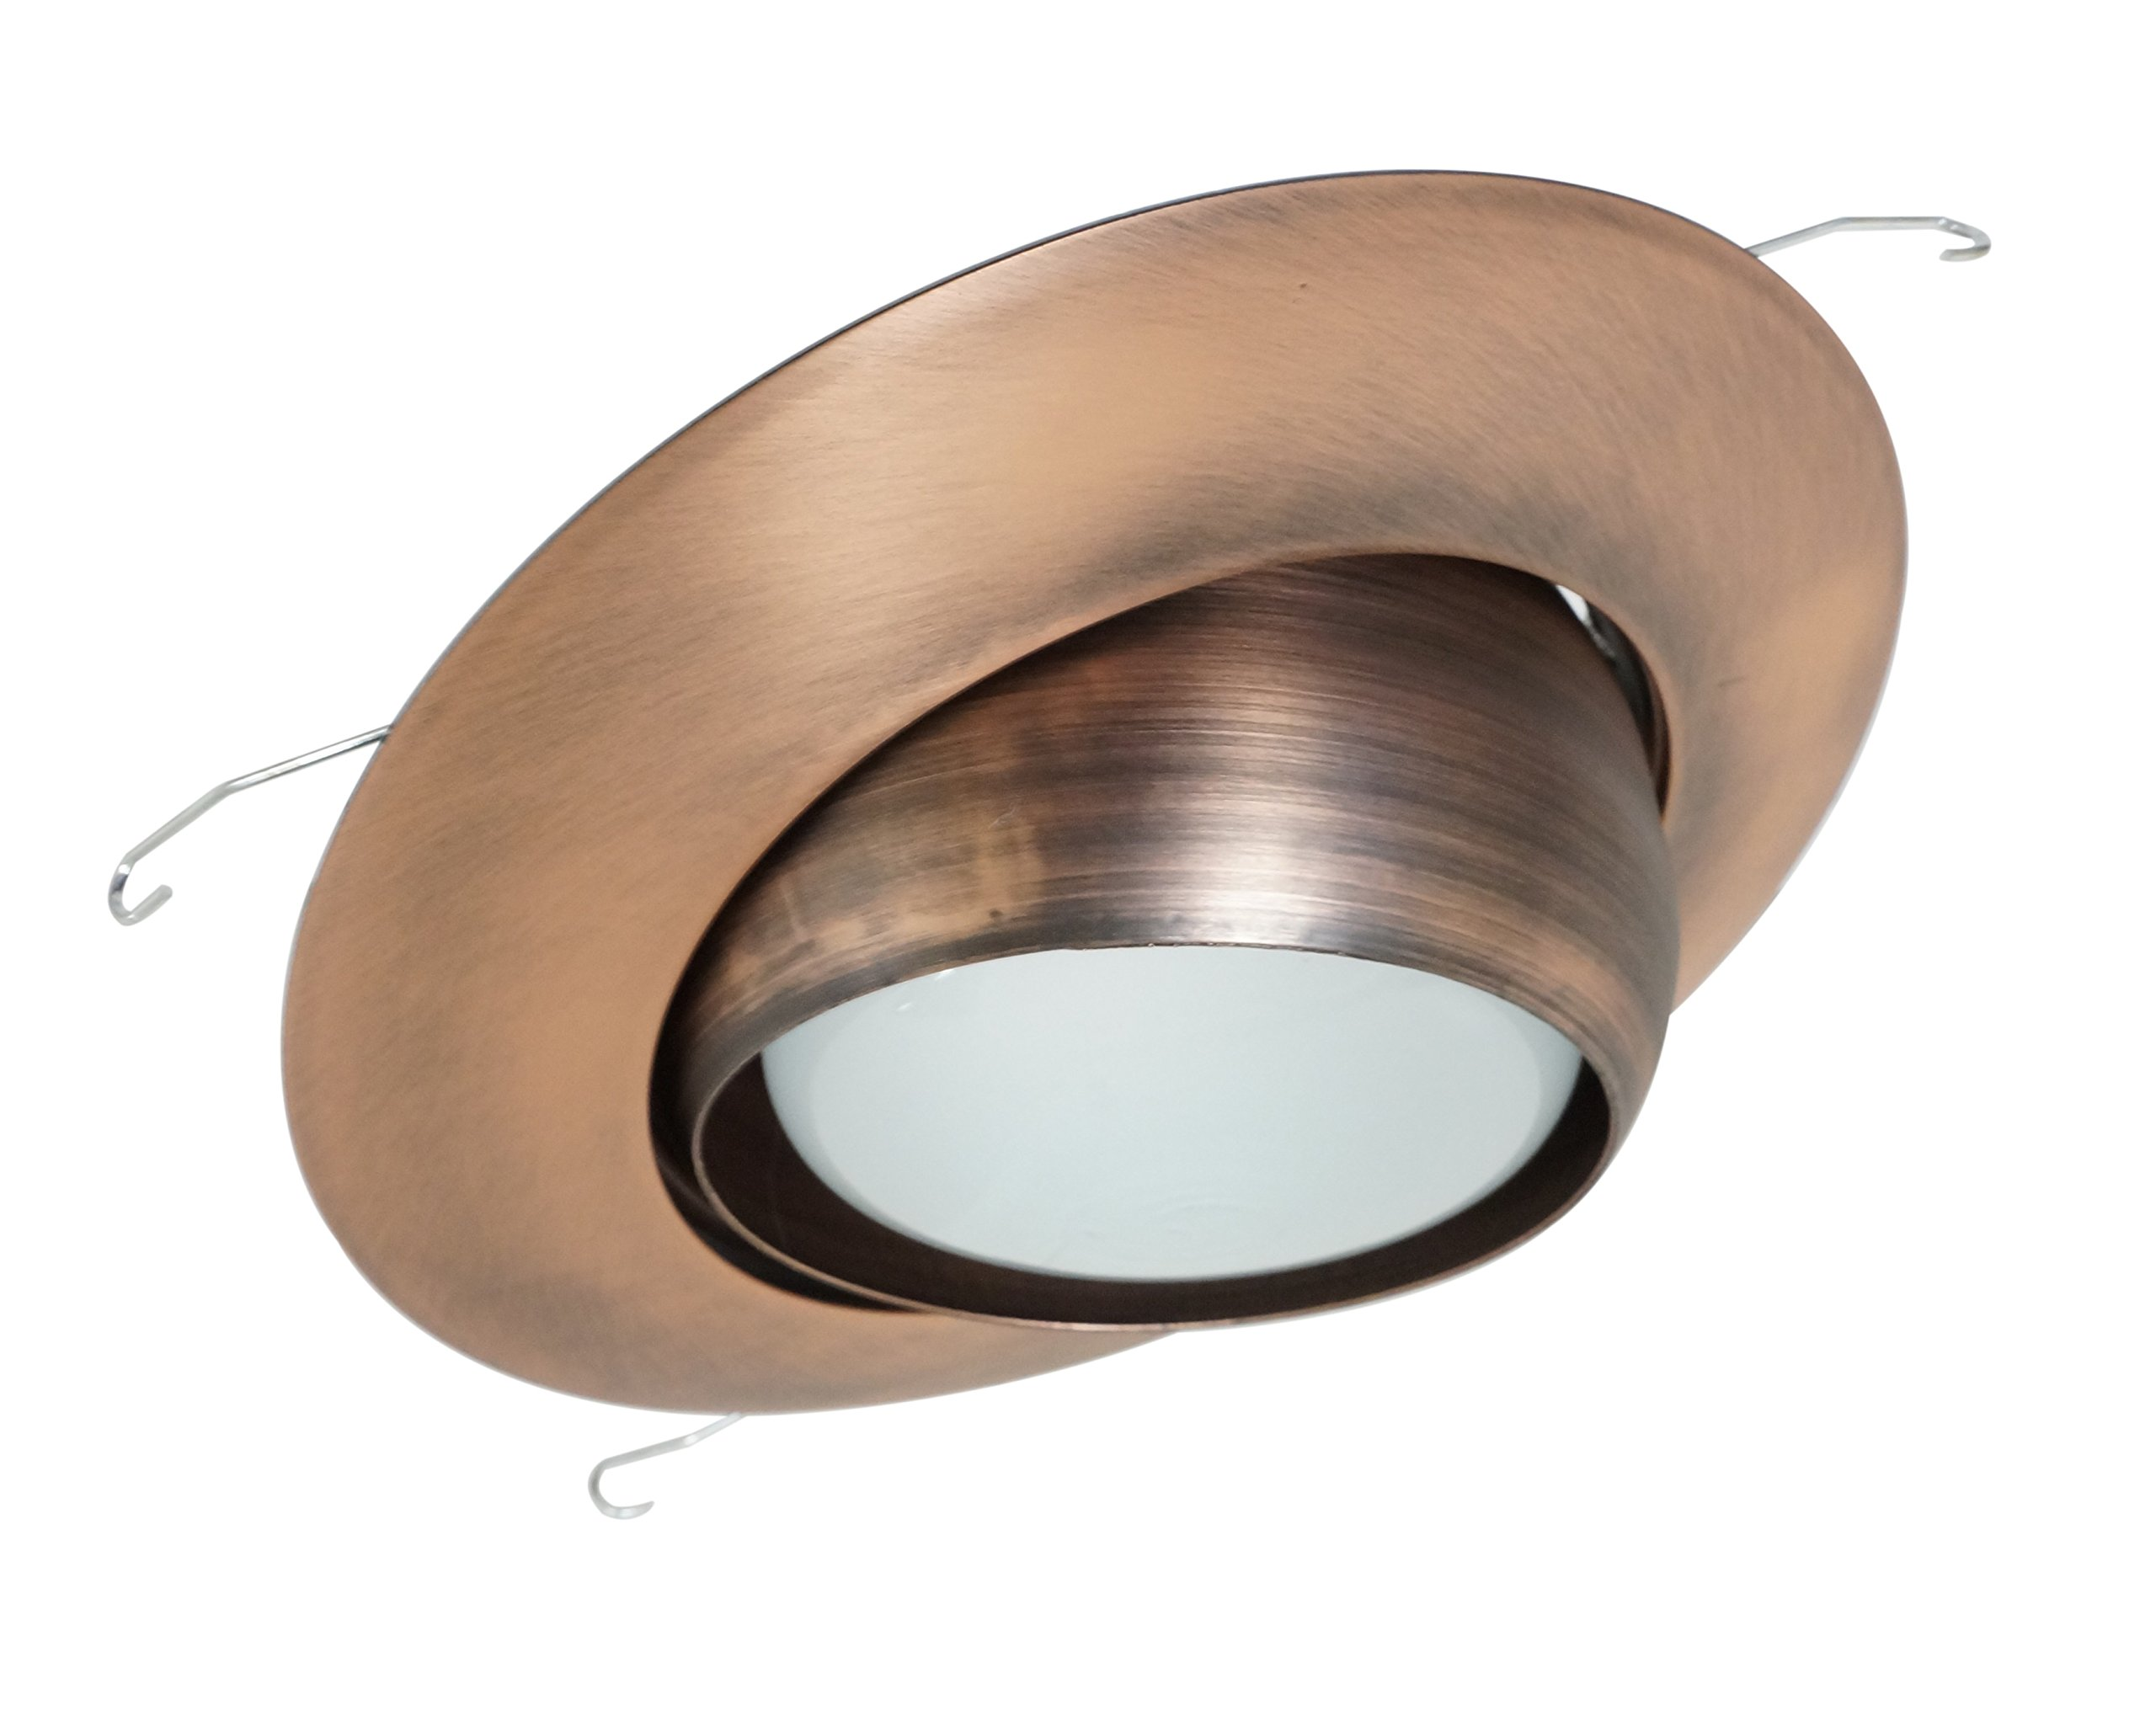 NICOR Lighting 6-Inch Eyeball Lighting Trim, Bronze (17506BZ)